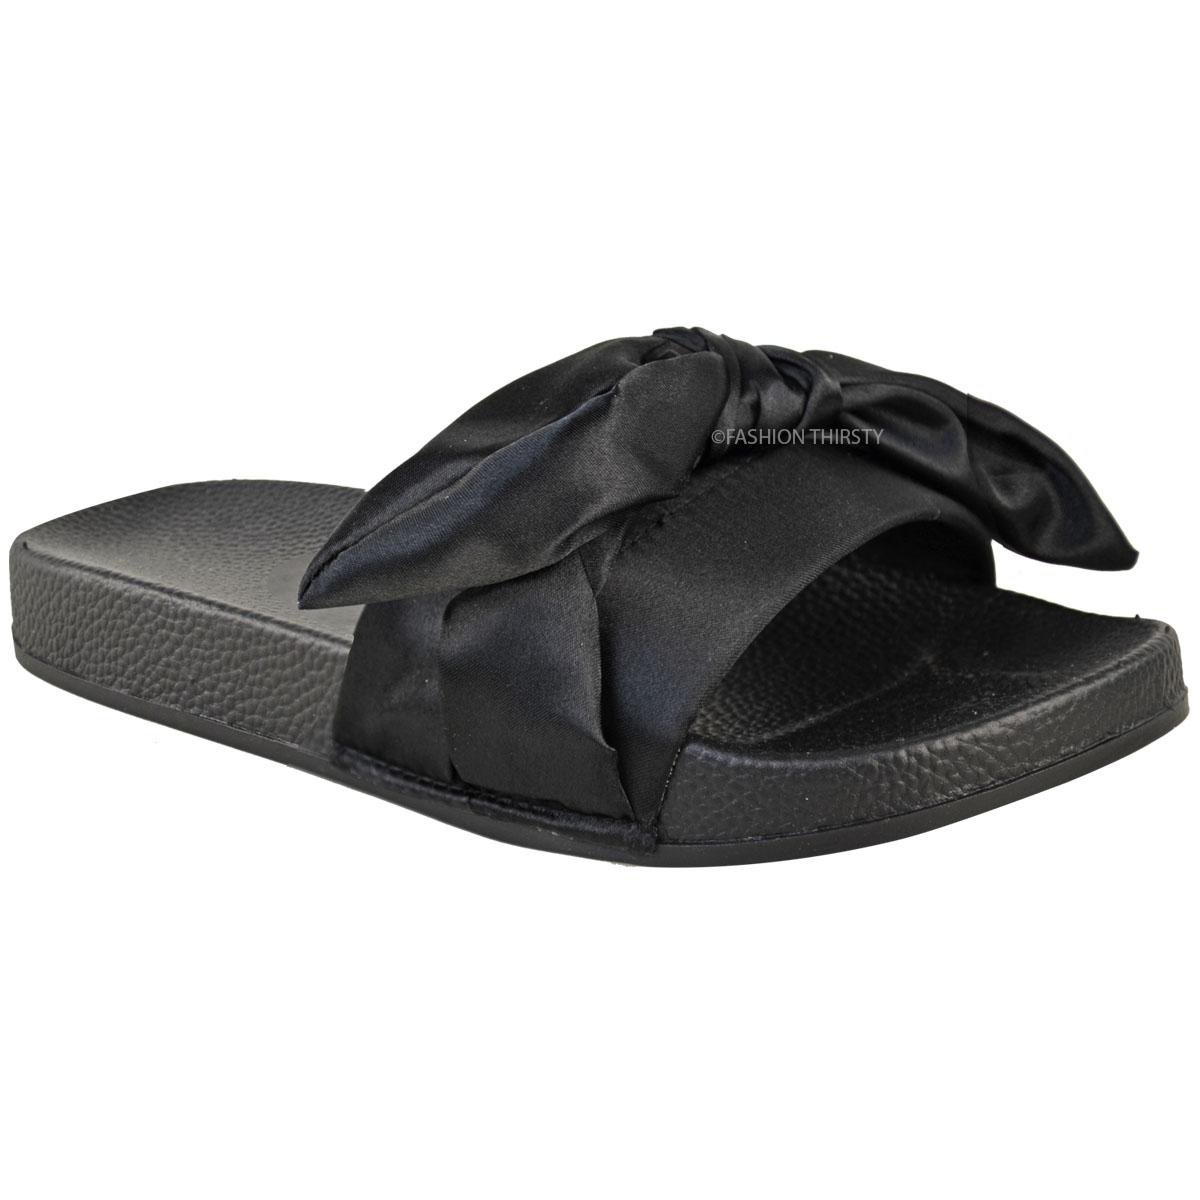 womens ladies slider flat slides sandals slip on mules slipper summer shoes size ebay. Black Bedroom Furniture Sets. Home Design Ideas